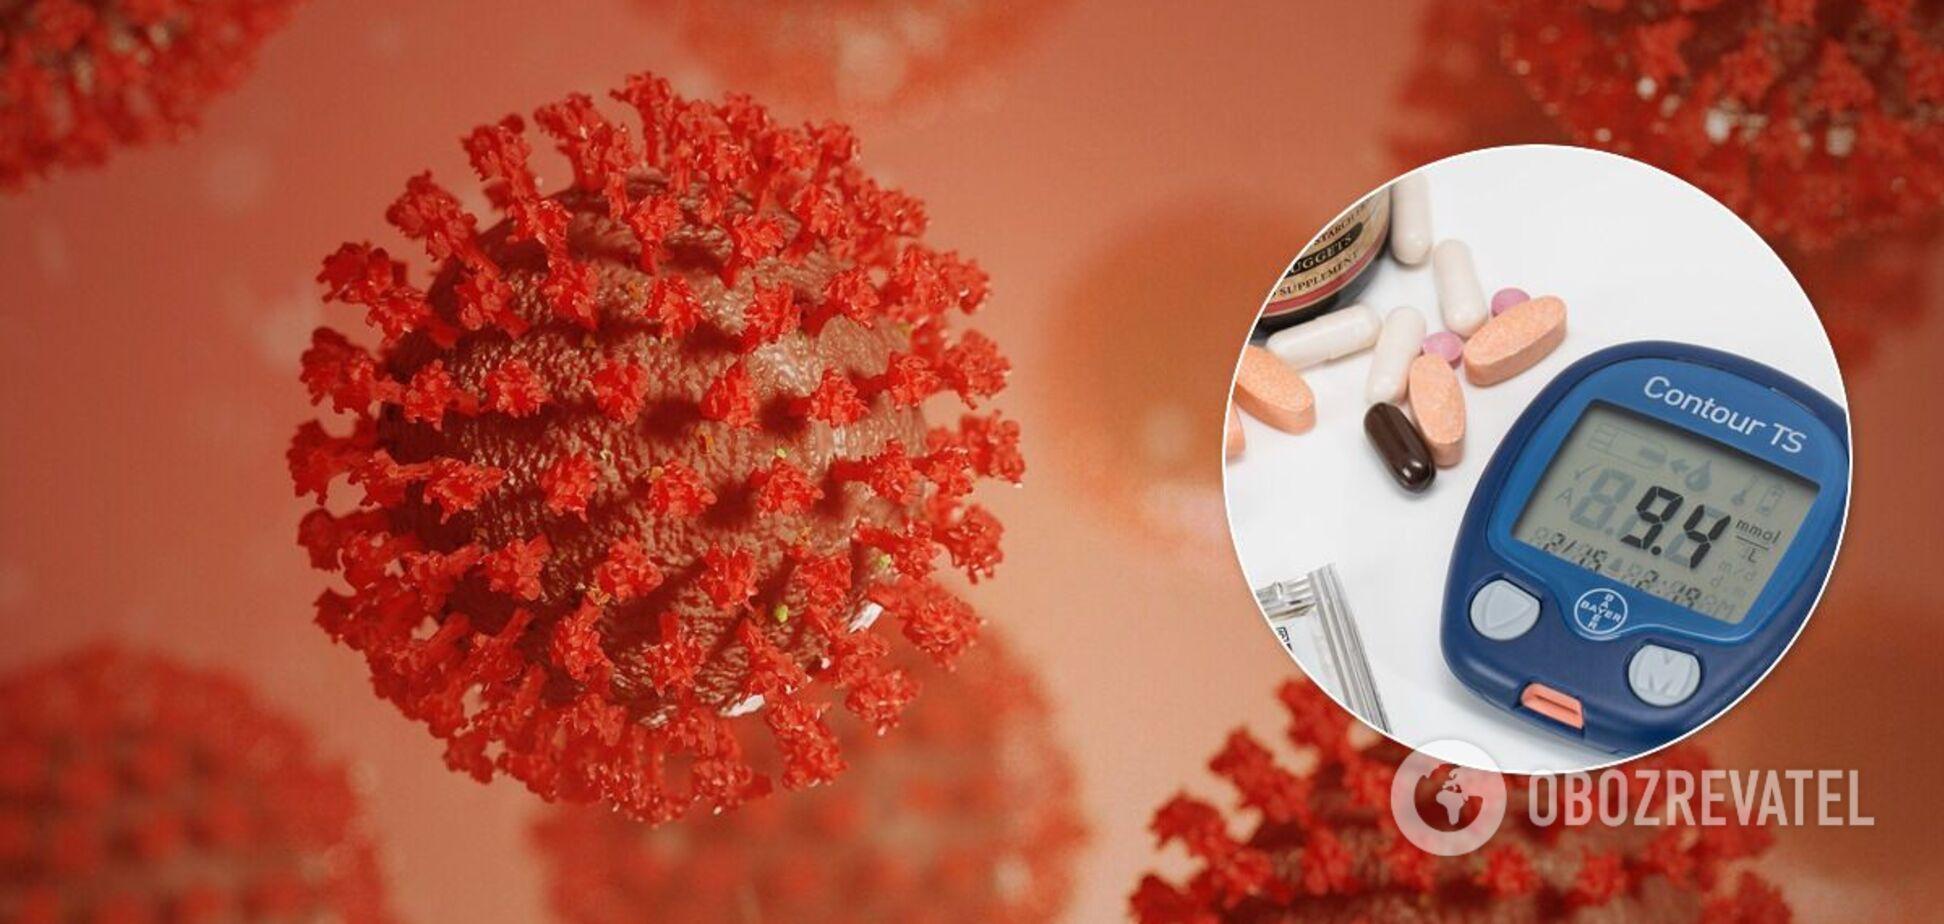 Коронавірус використовує холестерин для проникнення в клітини